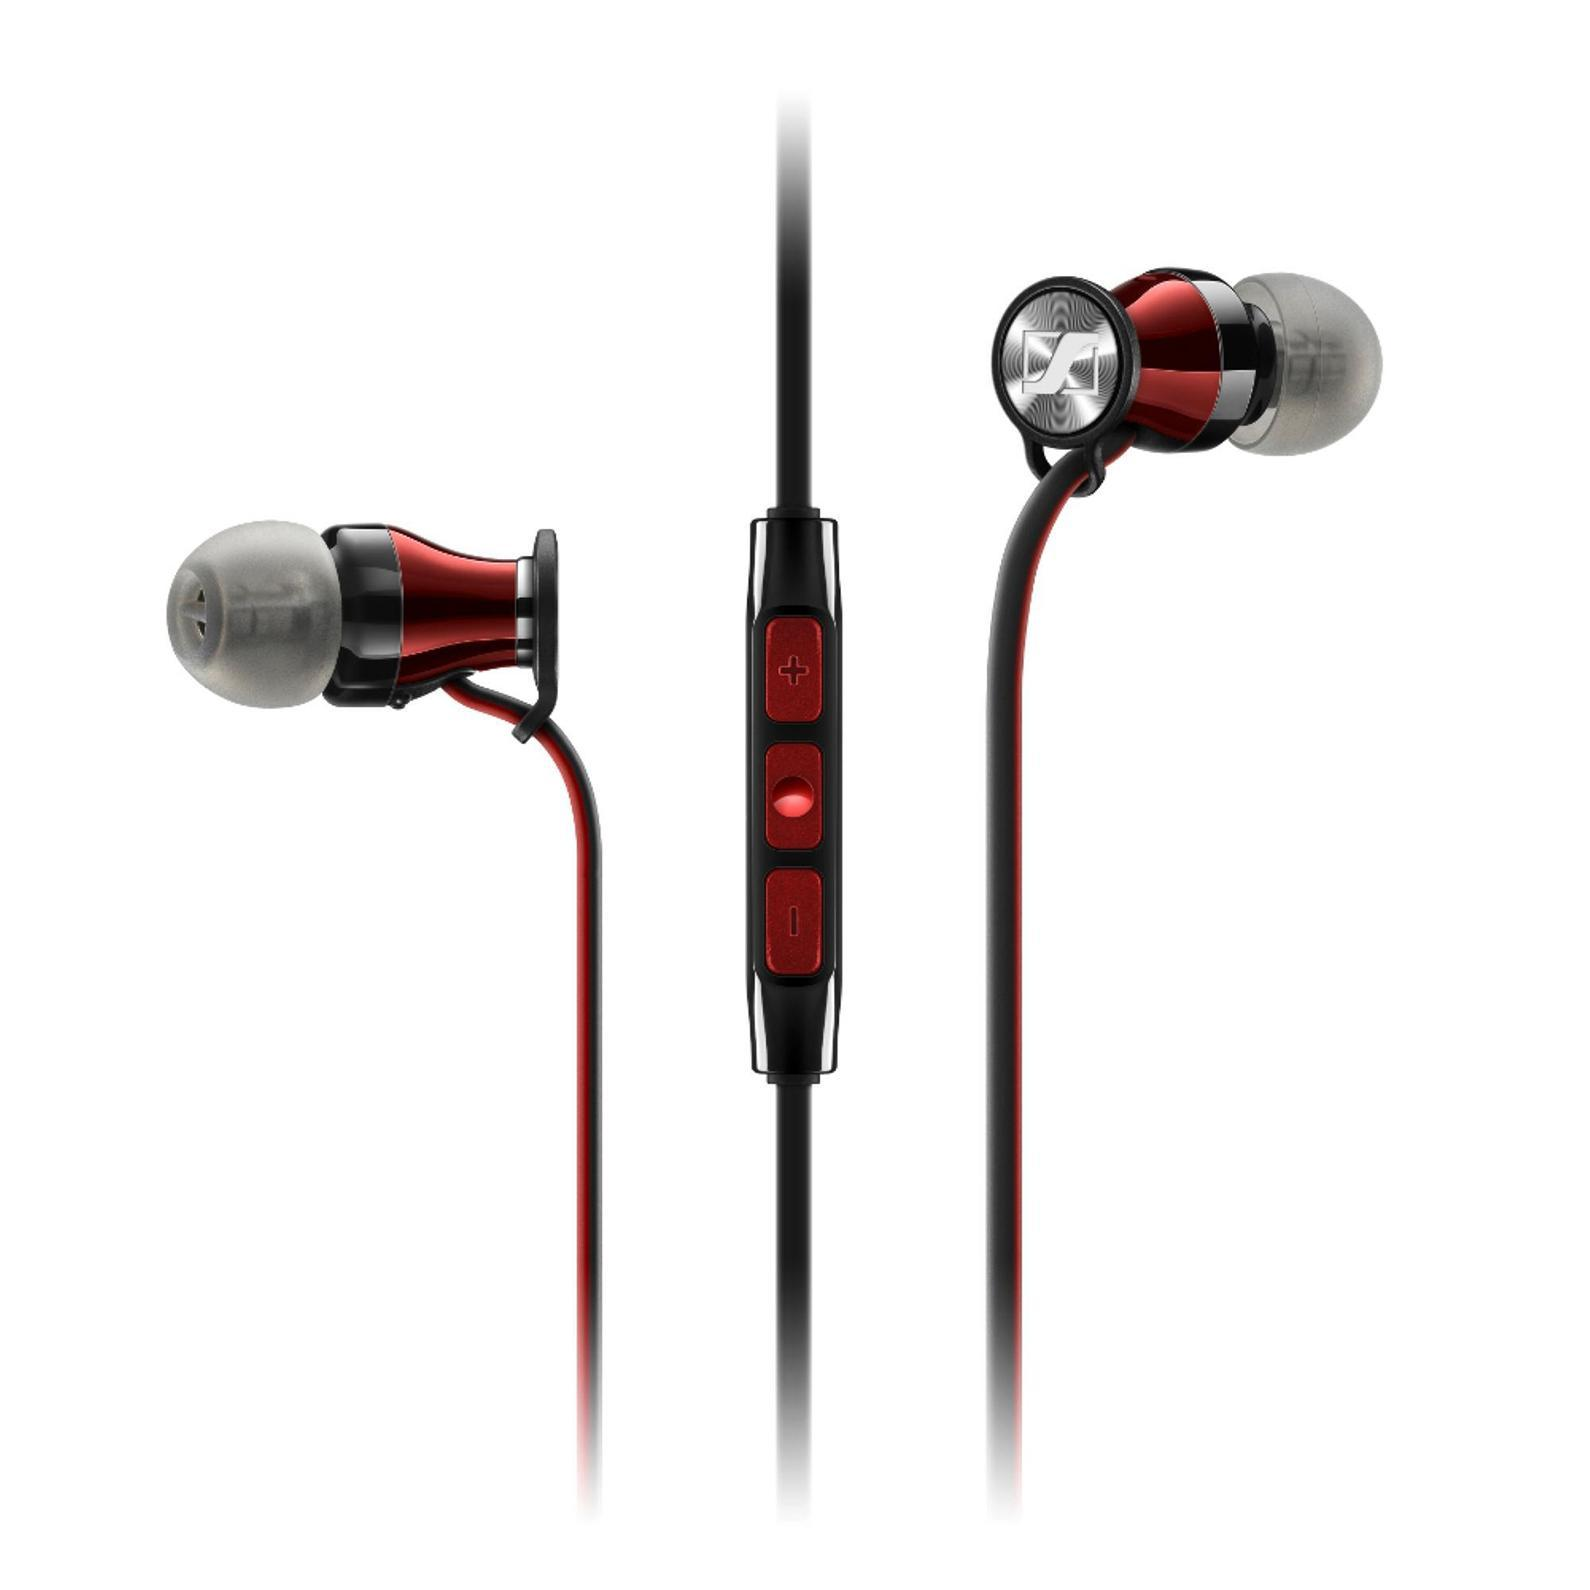 Sennheiser Momentum In-Ear M2 IEi наушники506231Новый член семейства MOMENTUM – внутриканальные MOMENTUM In-Ear сохраняют единство стиля, объединяя роскошный внешний вид с превосходным звучаниемMOMENTUM In-Ear продвигают концепцию наушников на новый уровень. Сочетание элегантного вида, эргономичного дизайна и инновационной акустической инженерии обеспечивает невероятно богатое и сбалансированное звучаниеВ истинно миниатюрных наушниках MOMENTUM In-Ear заключен не только бескомпромиссный звук, поражает и количество технологичных деталей – от прецизионных воздуховодов из нержавеющей стали до 3-кнопочного многофункционального пульта управления с микрофономДизайн наушников MOMENTUM In-Ear изыскан и лаконичен. Более 200 контрастных красных стежков украшают черную молнию на чехле для защиты Ваших наушников. Красно-черный кабель выходит из глянцевых красных корпусов. Со знанием дела спроектированы и ушные адаптеры для индивидуальной подгонки, с помощью которых наушники сидят как влитыеВы даже можете забыть о наушниках MOMENTUM In-Ear. Их адаптивная конструкция с регулируемым углом в 15° позволяет комфортно подогнать их к любым ушам. Благодаря сверхмалым акустическим каналам и набору их 4 пар ушных адаптеров Вы будете получать безупречный звук